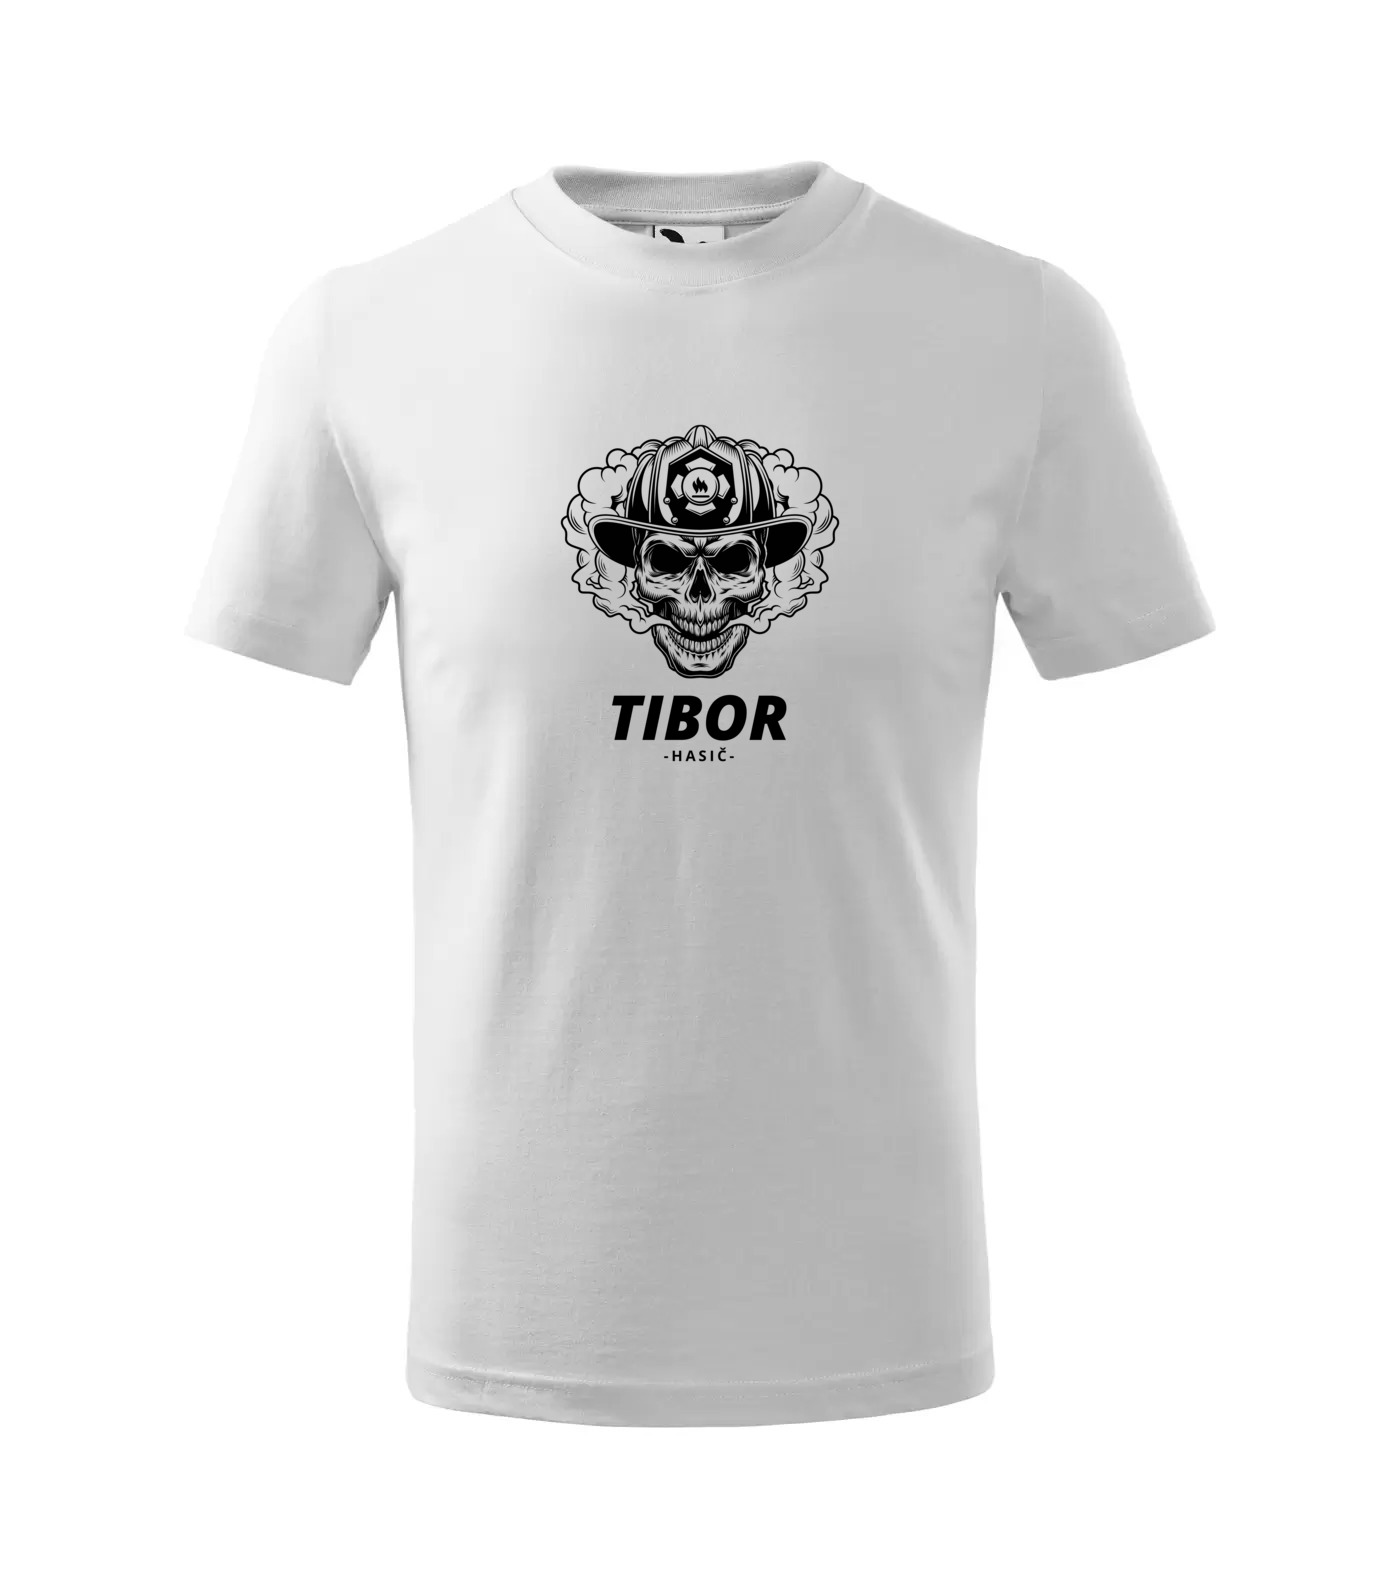 Tričko Hasič Tibor